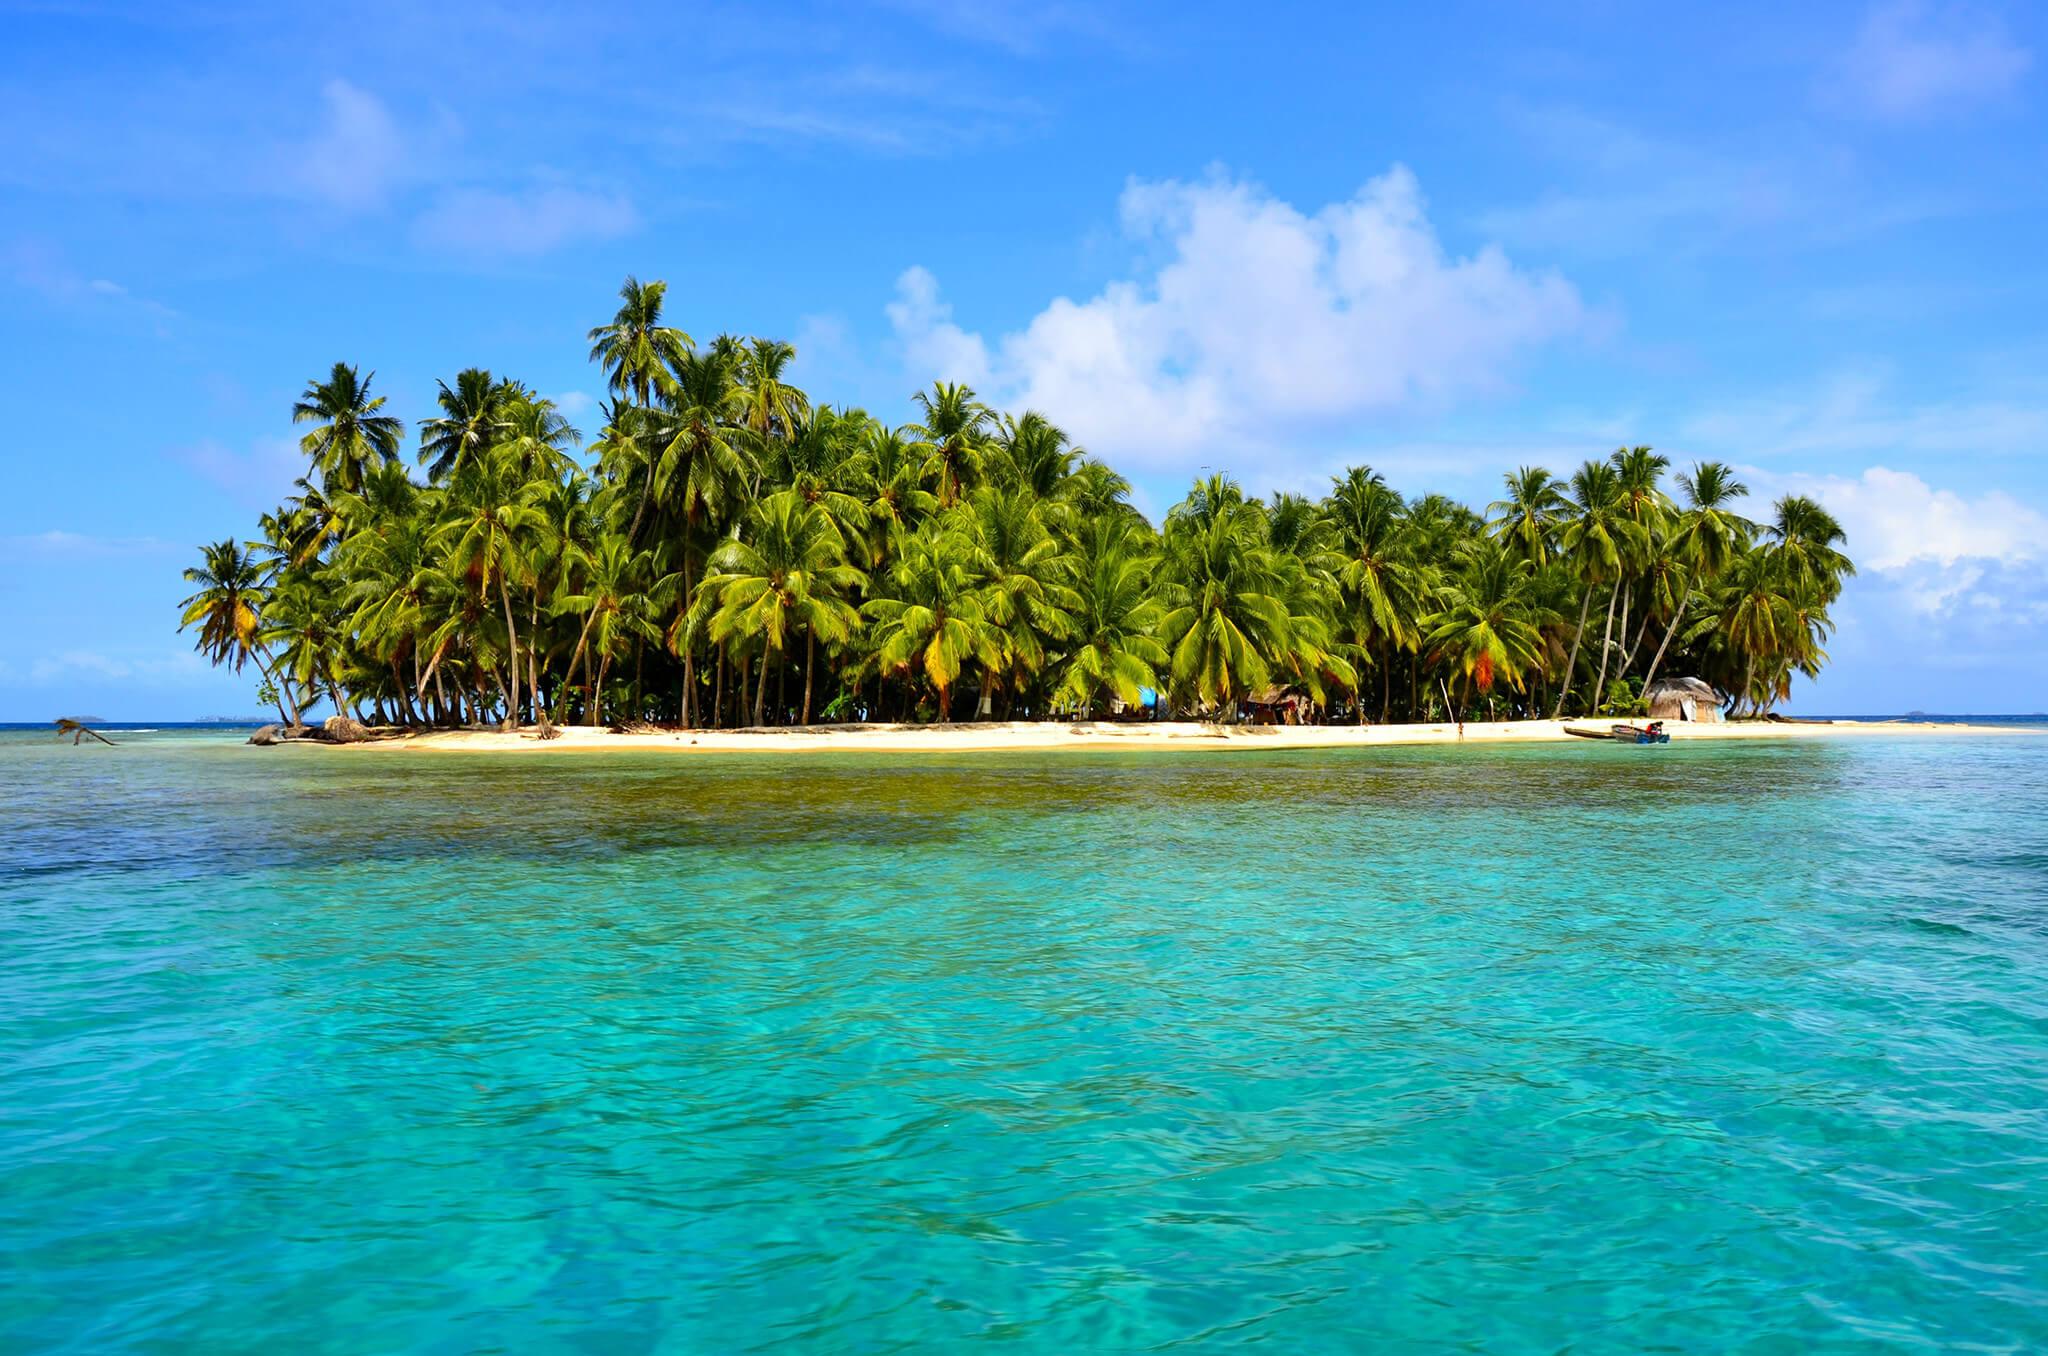 Island in the archipelago of San Blas